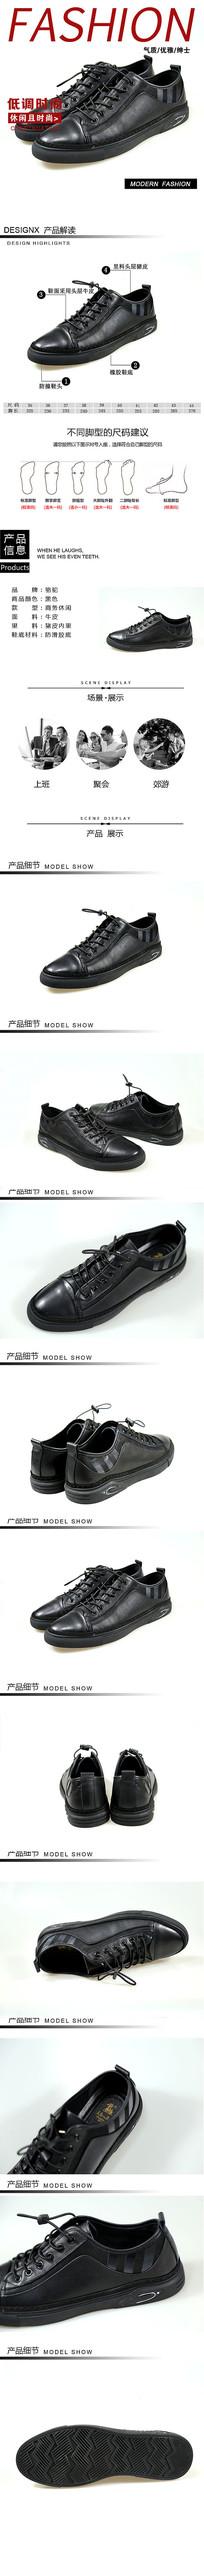 淘宝男鞋皮鞋详情页